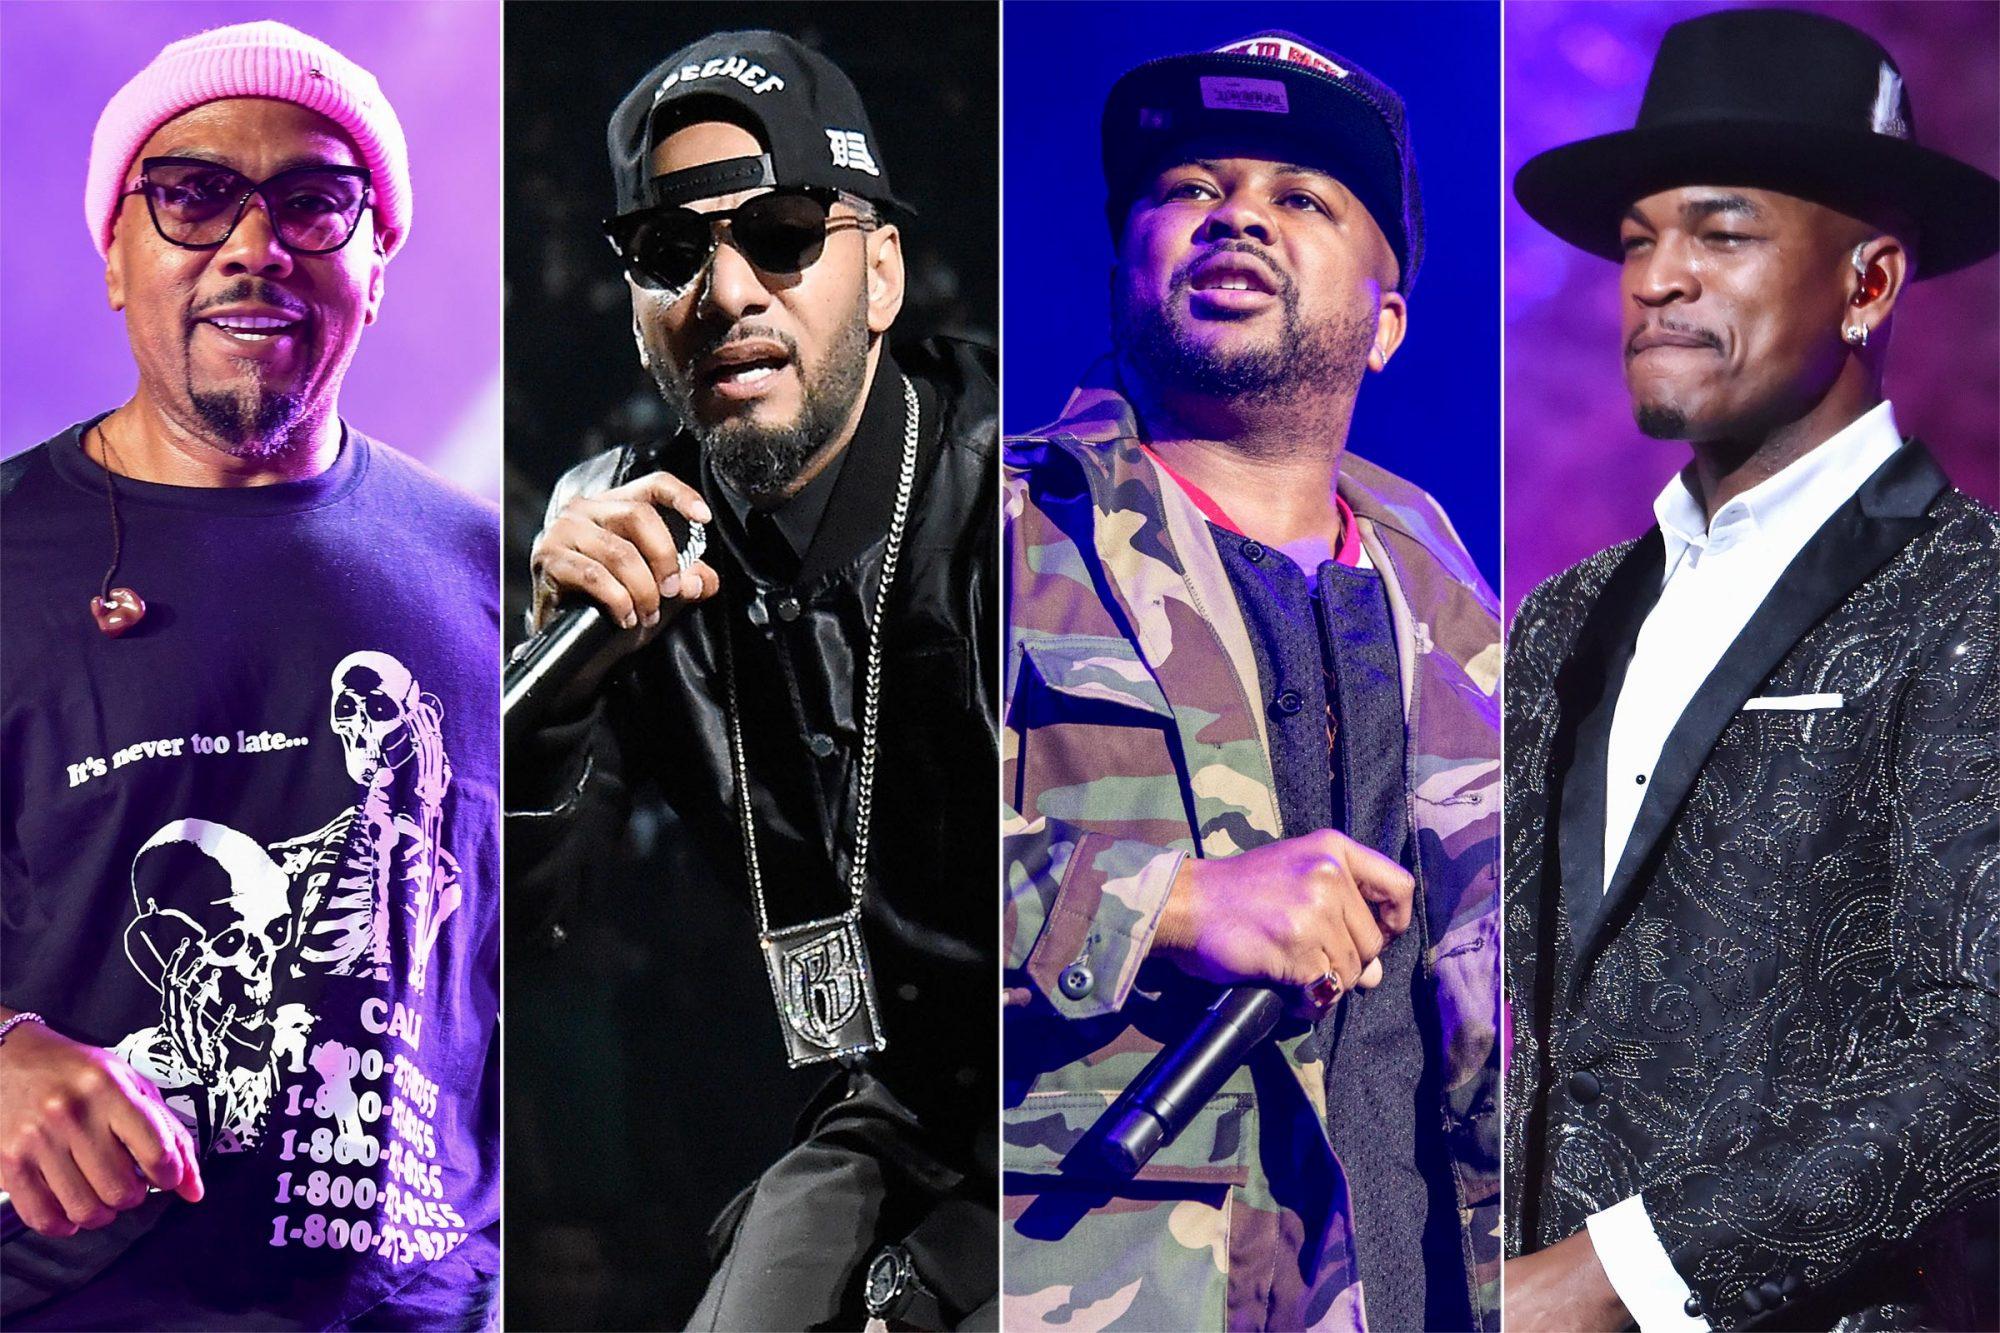 Timbaland, Swizz Beatz, The-Dream, and Ne-Yo